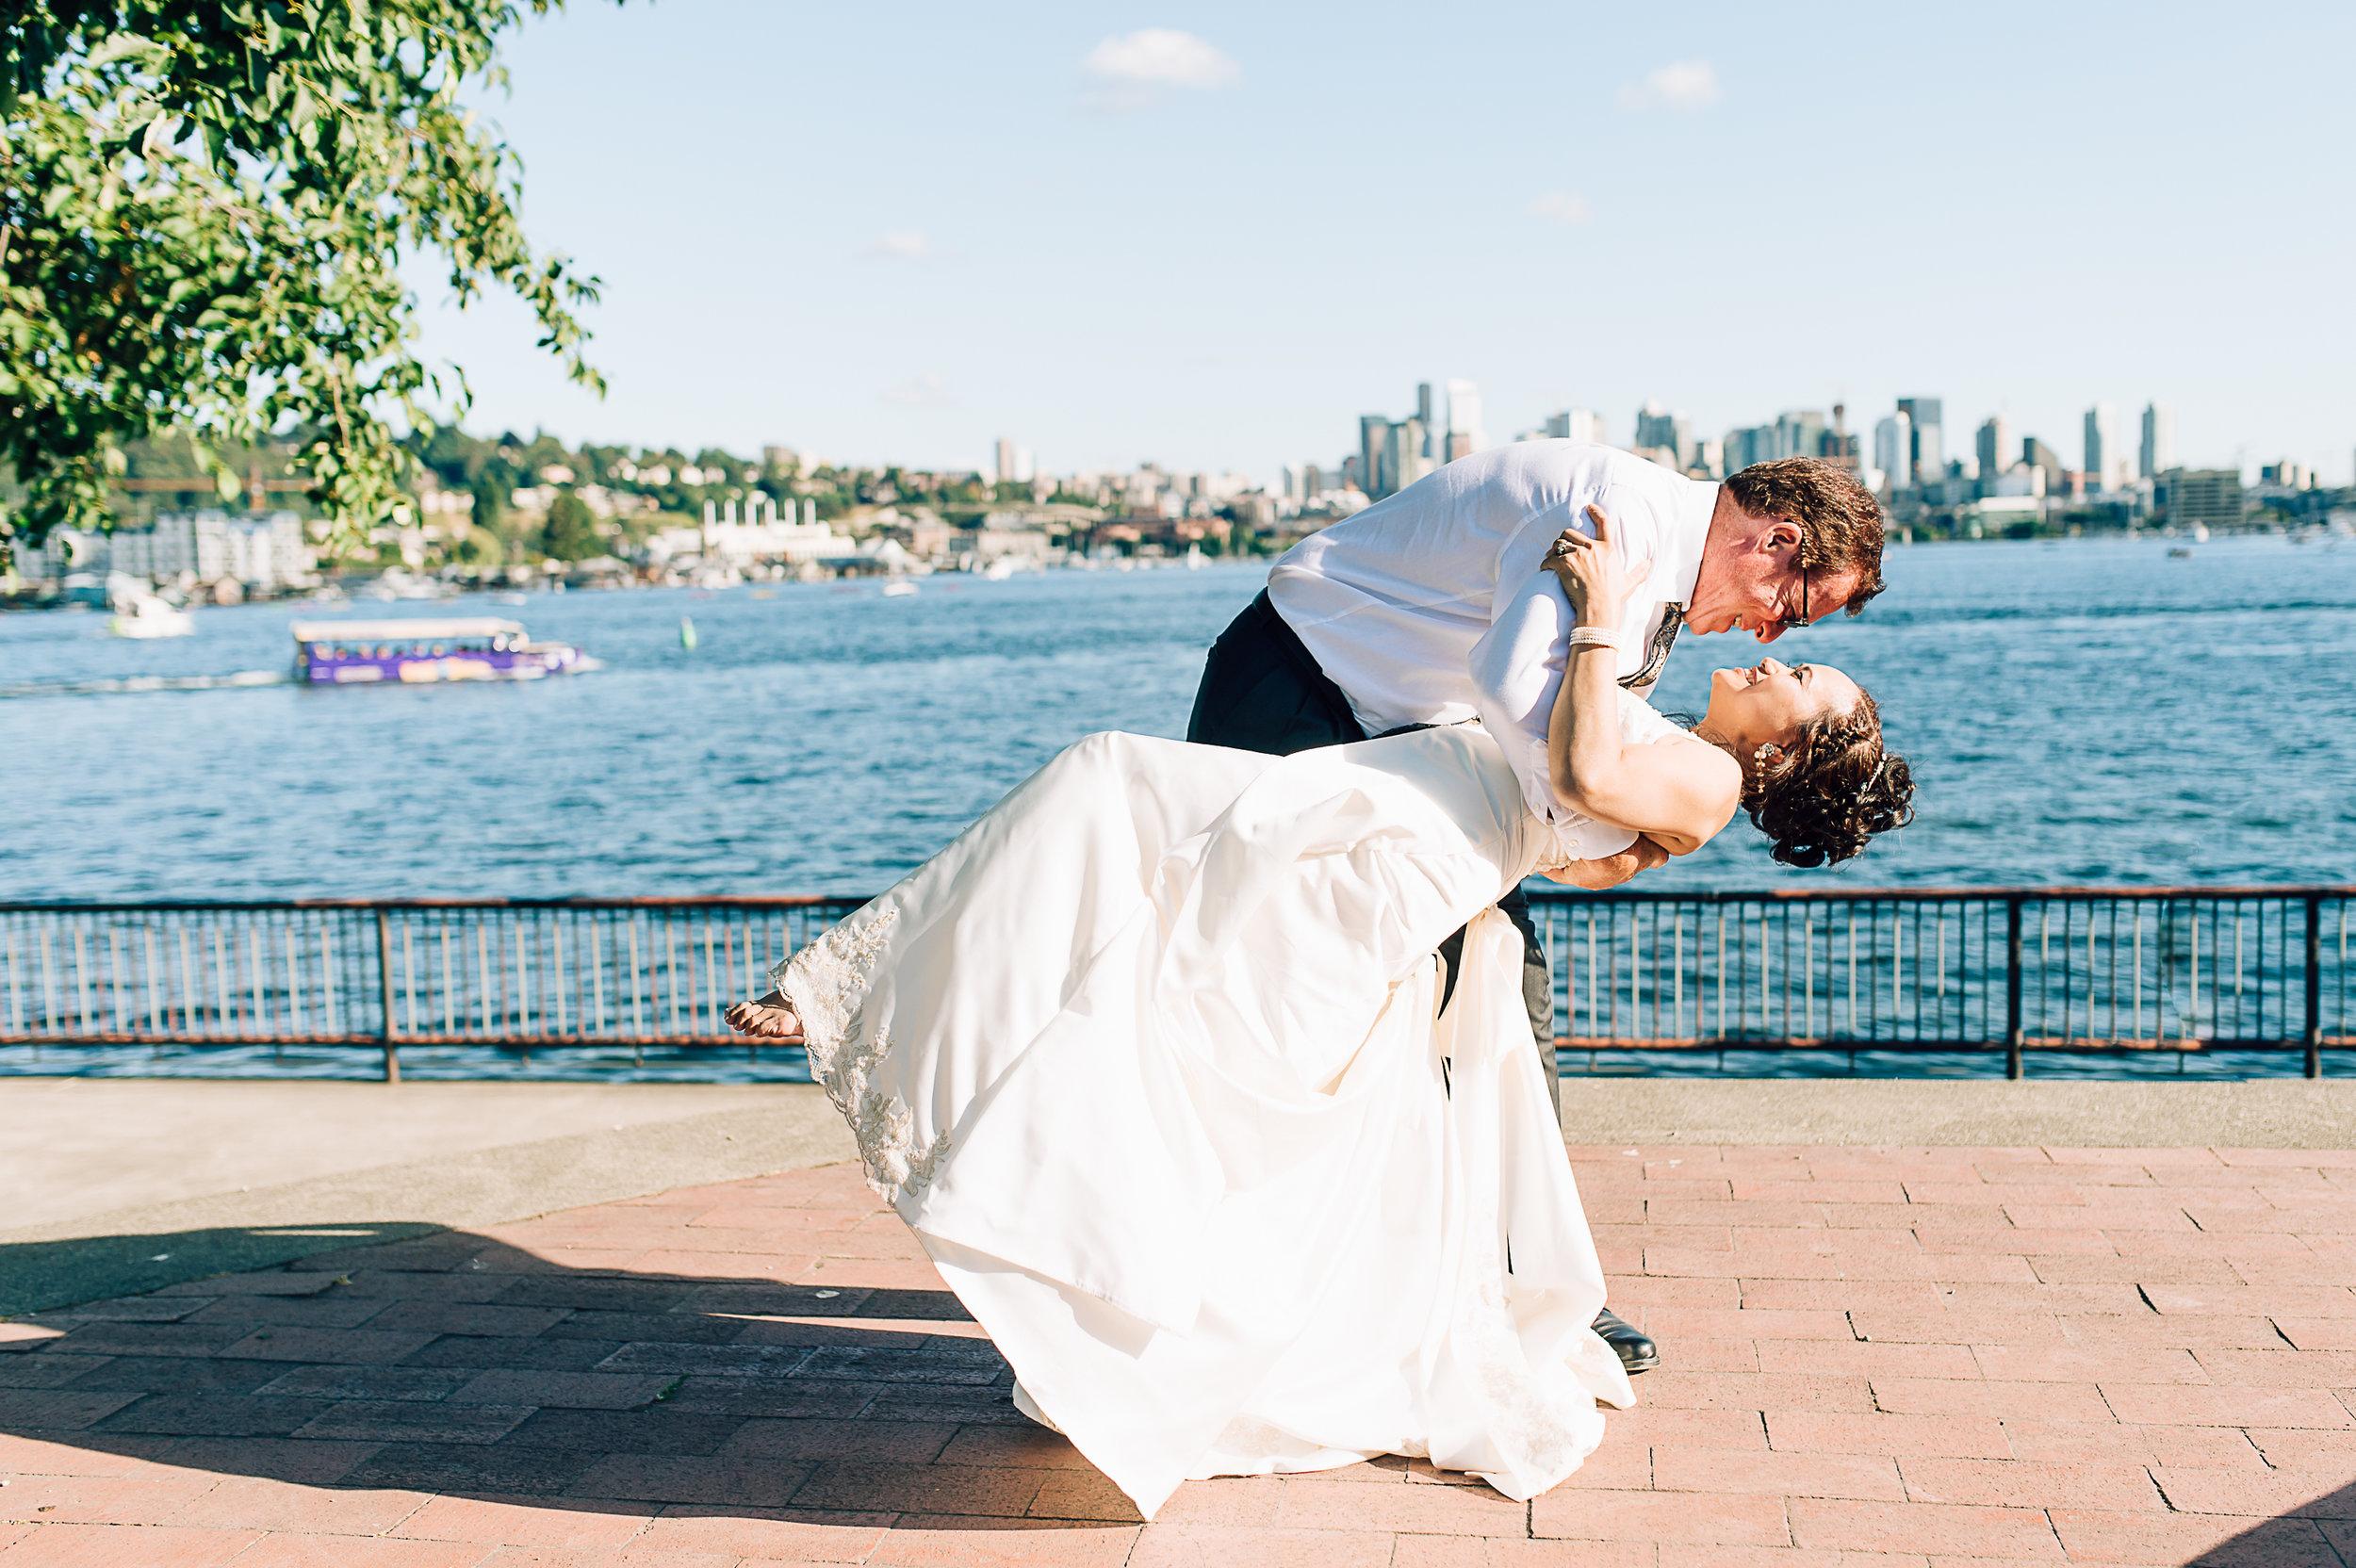 destinationwedding_Seattle_virginiaphotographer_youseephotography_LidiaOtto (512).jpg